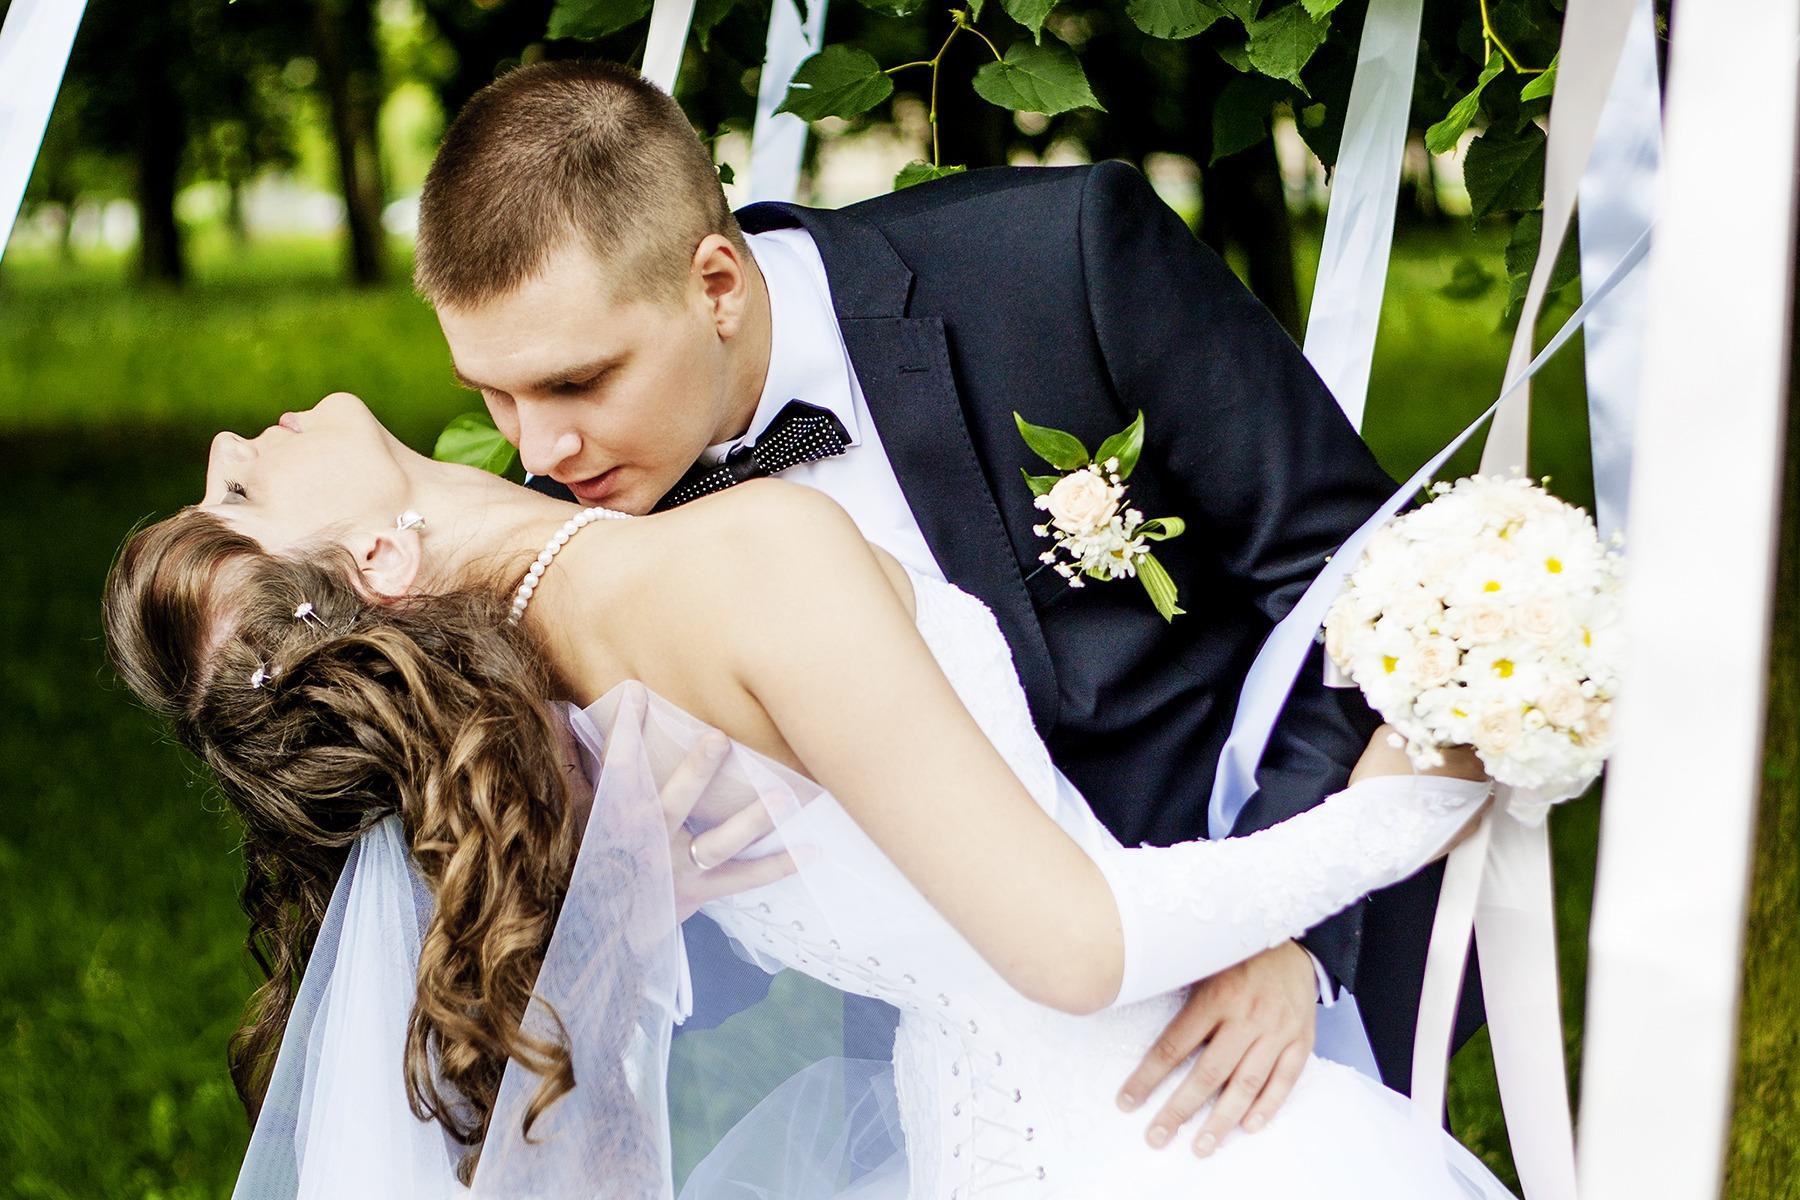 лучших варианта где найти фотографа на свадьбу гомель если везде будете